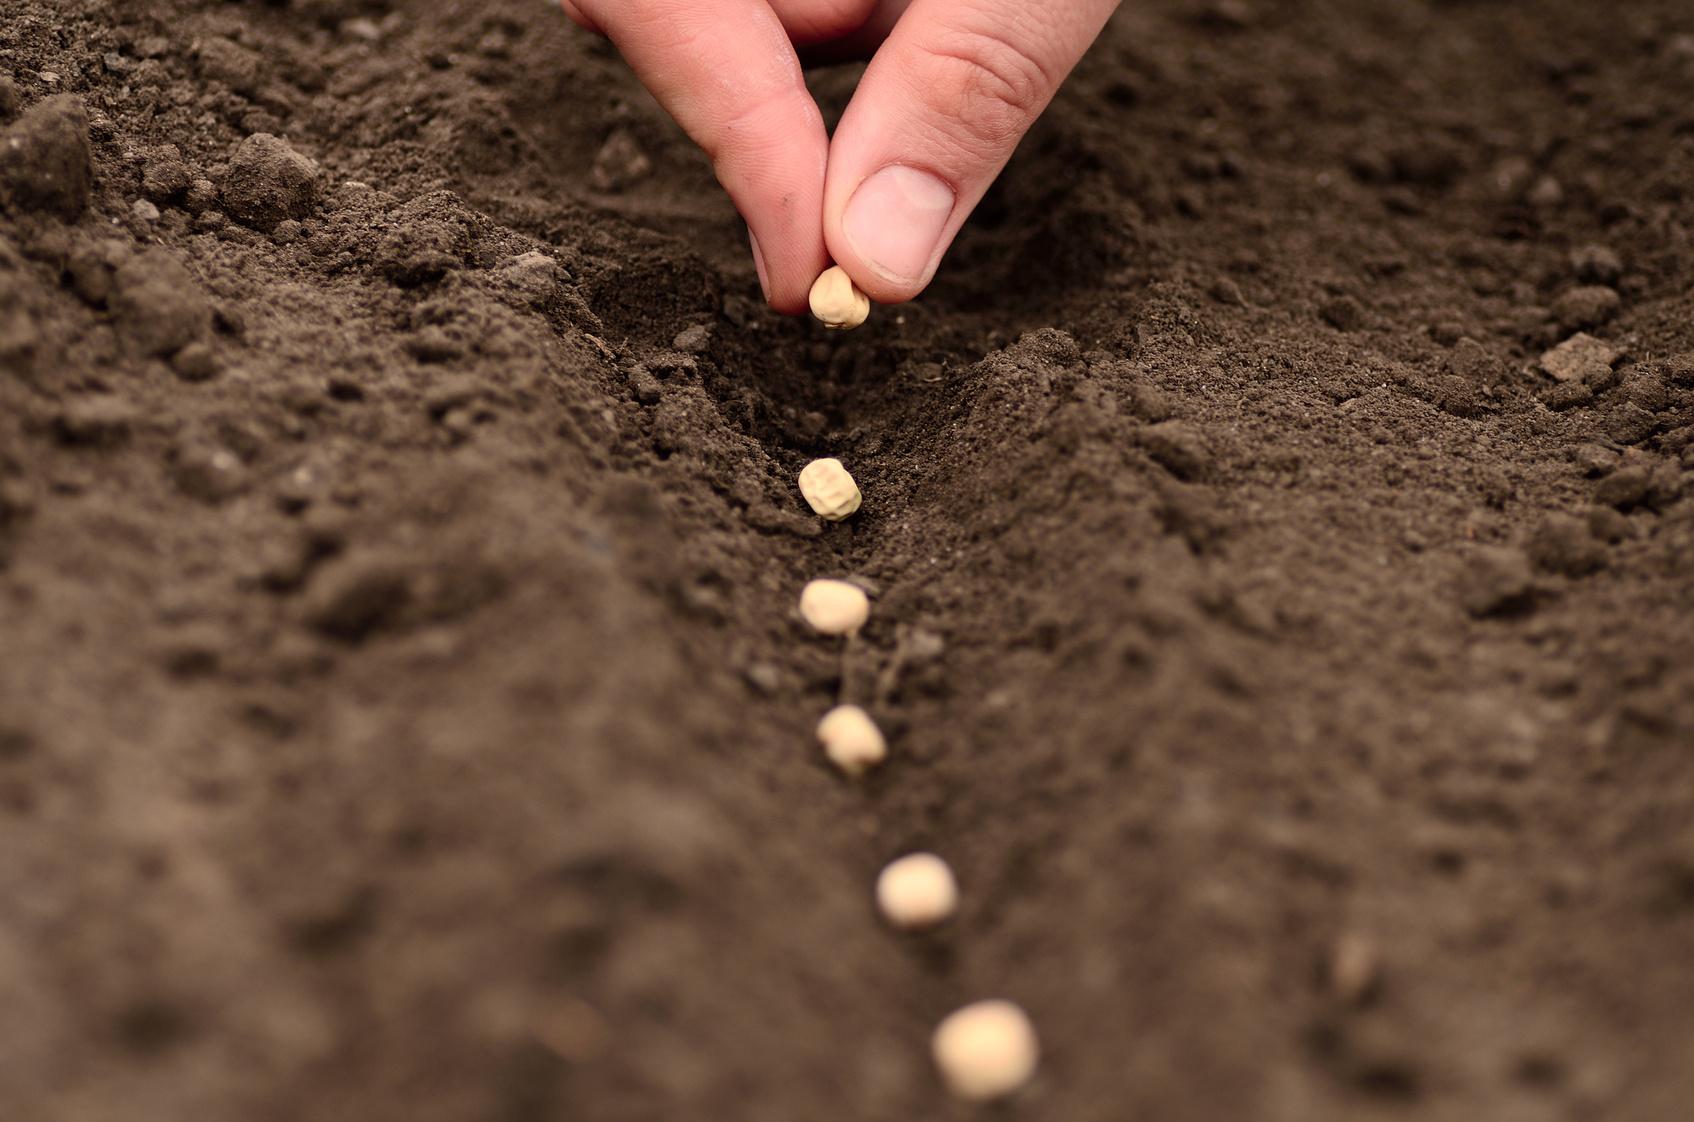 нитроаммофоска удобрение применение на огороде